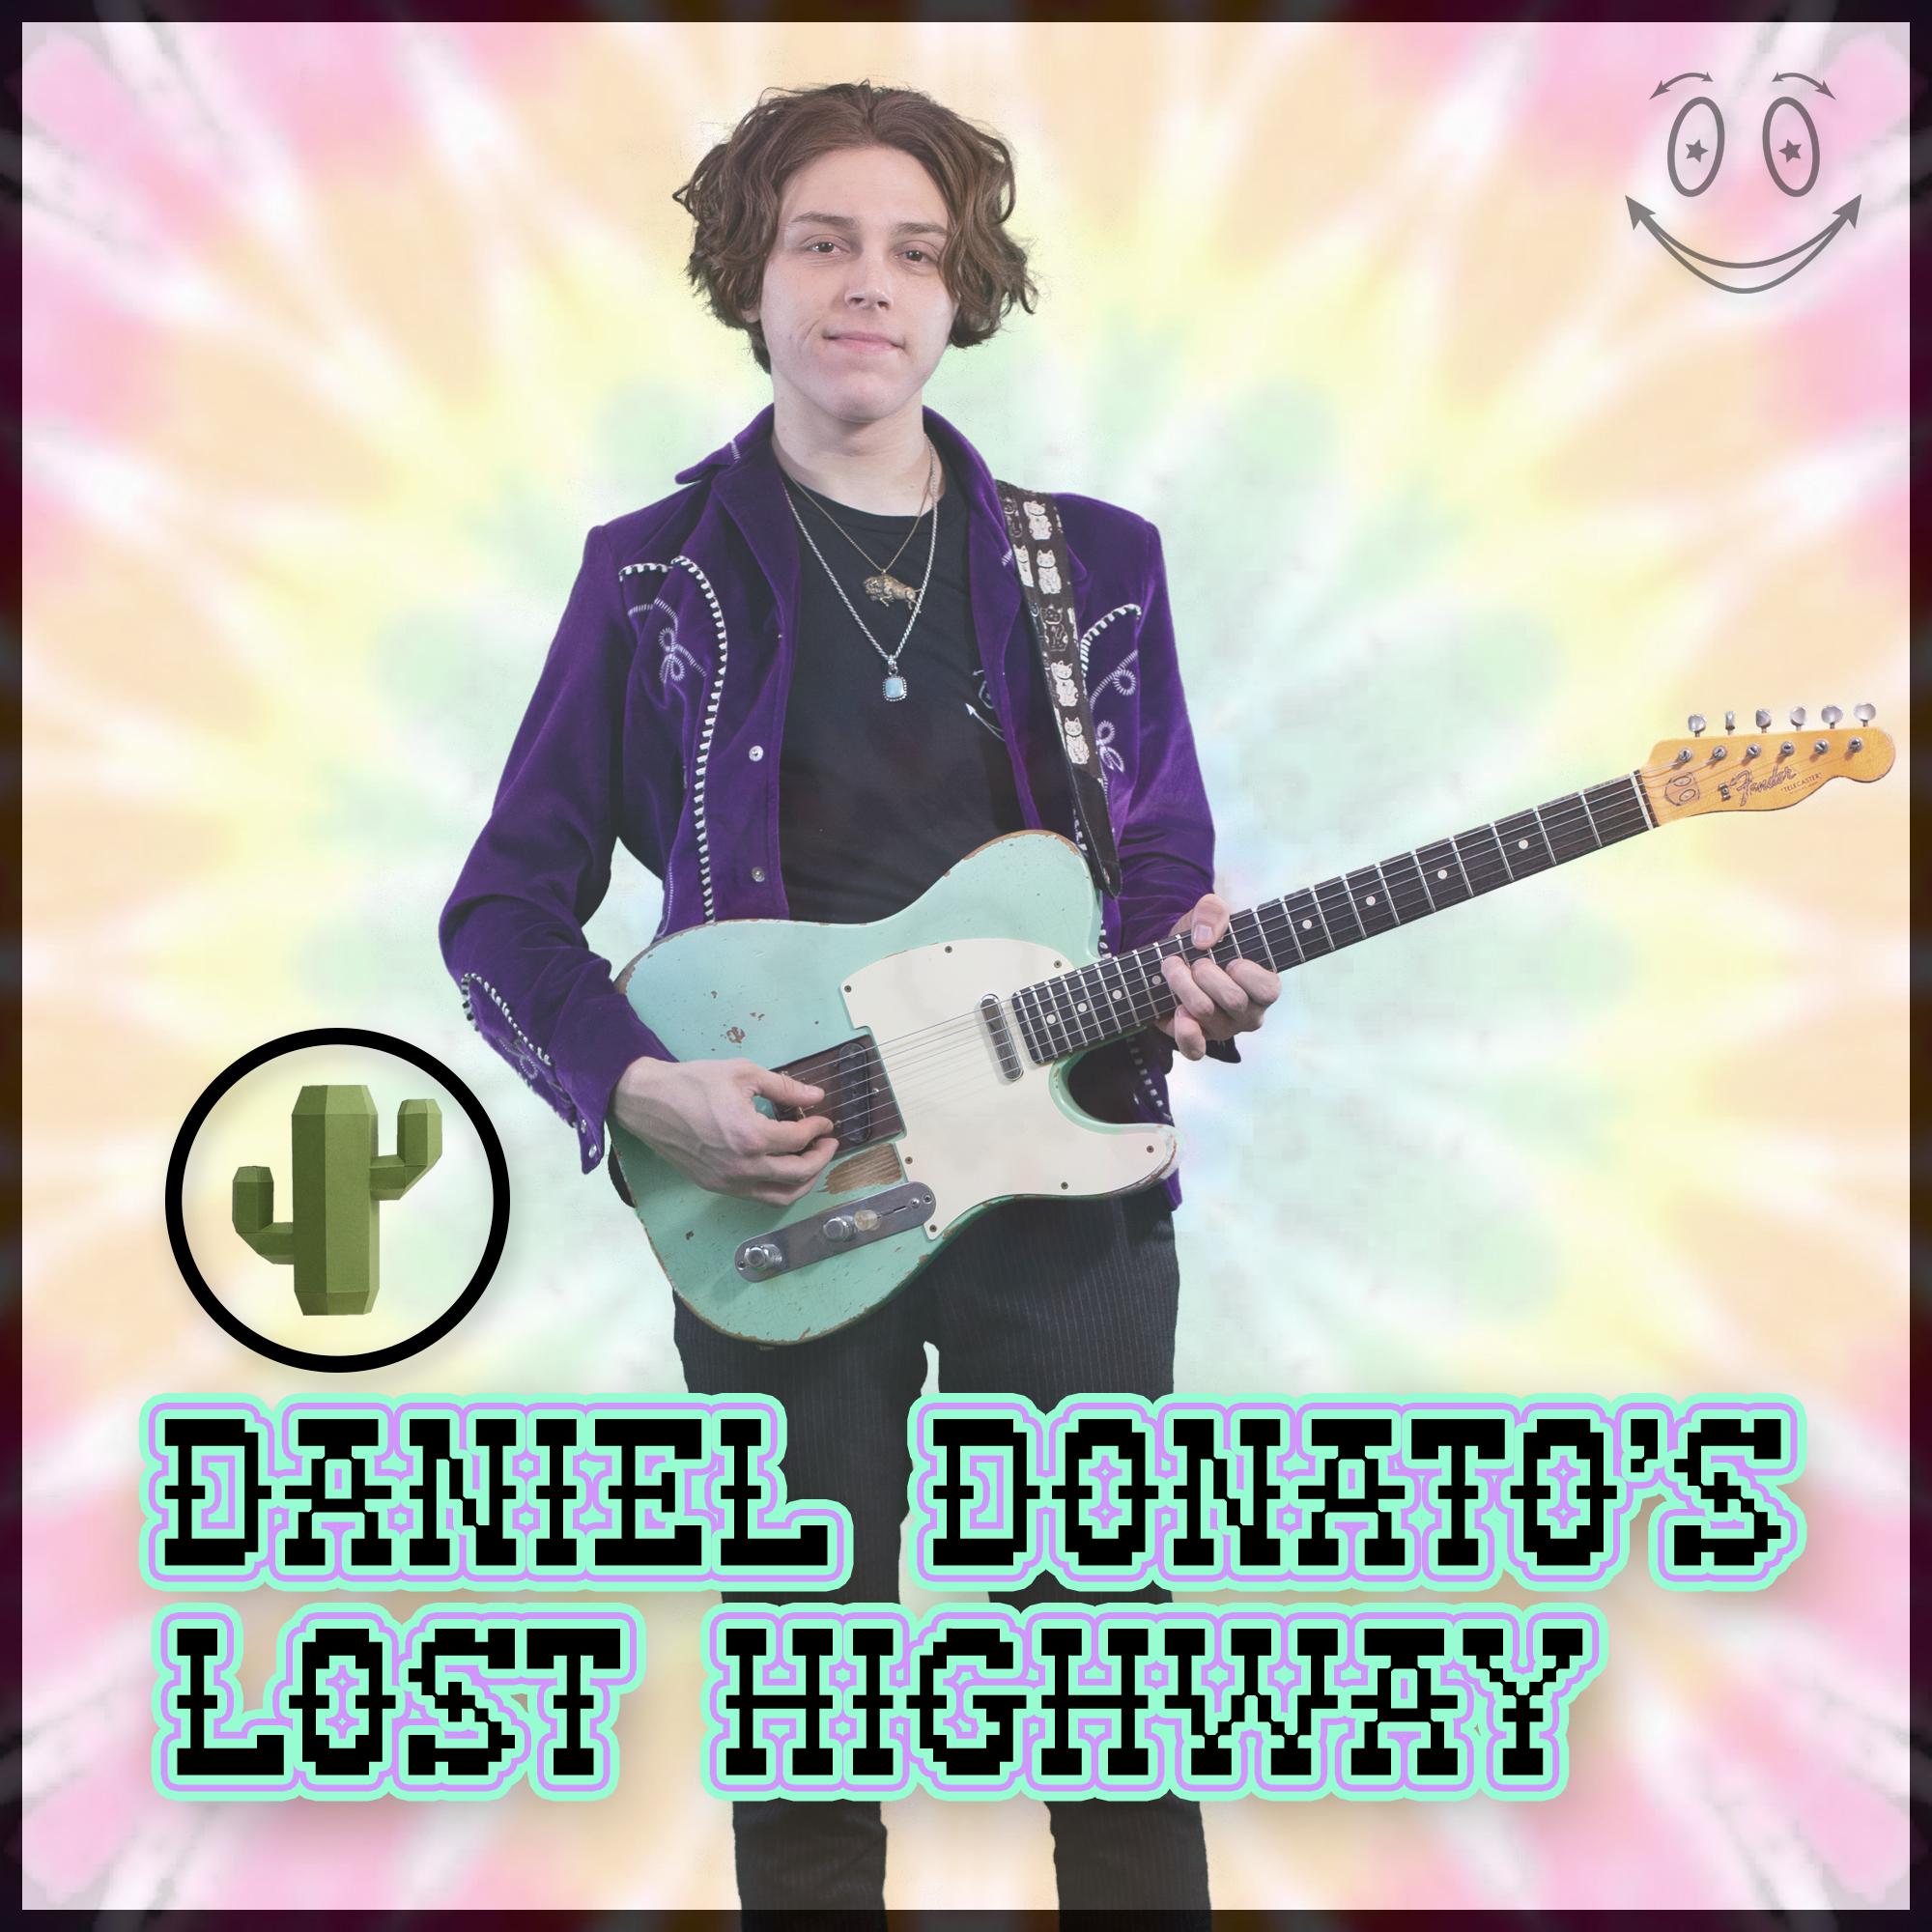 Daniel Donato's Lost Highway